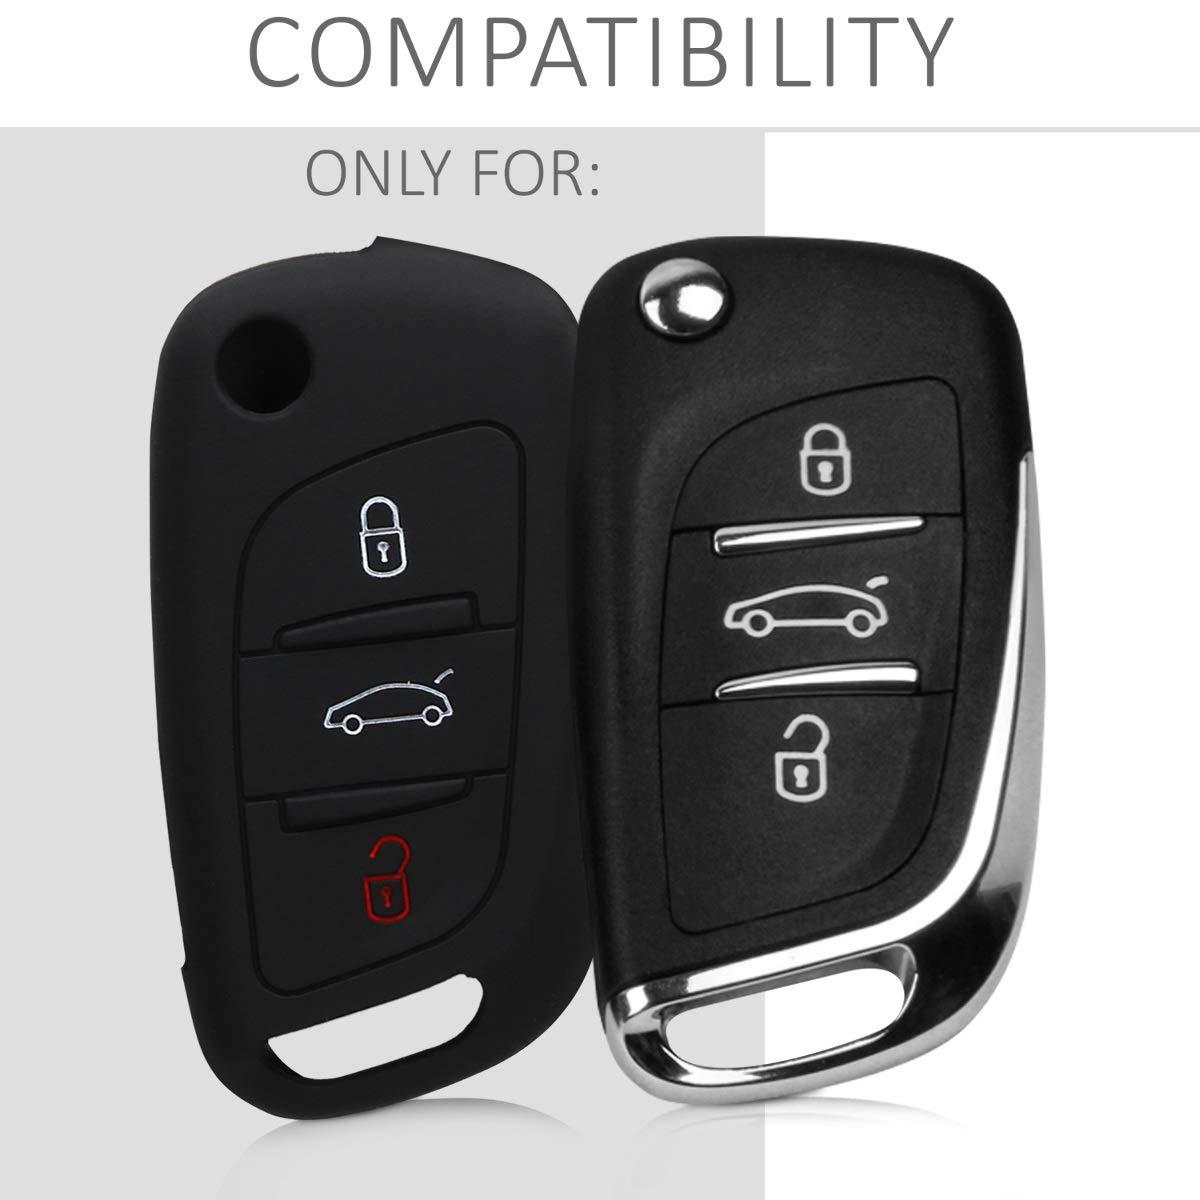 de - Case Mando de Auto Carcasa Protectora Silicona Suave kwmobile Funda de Silicona para Llave Plegable de 2 Botones para Coche VW Skoda Seat Azul